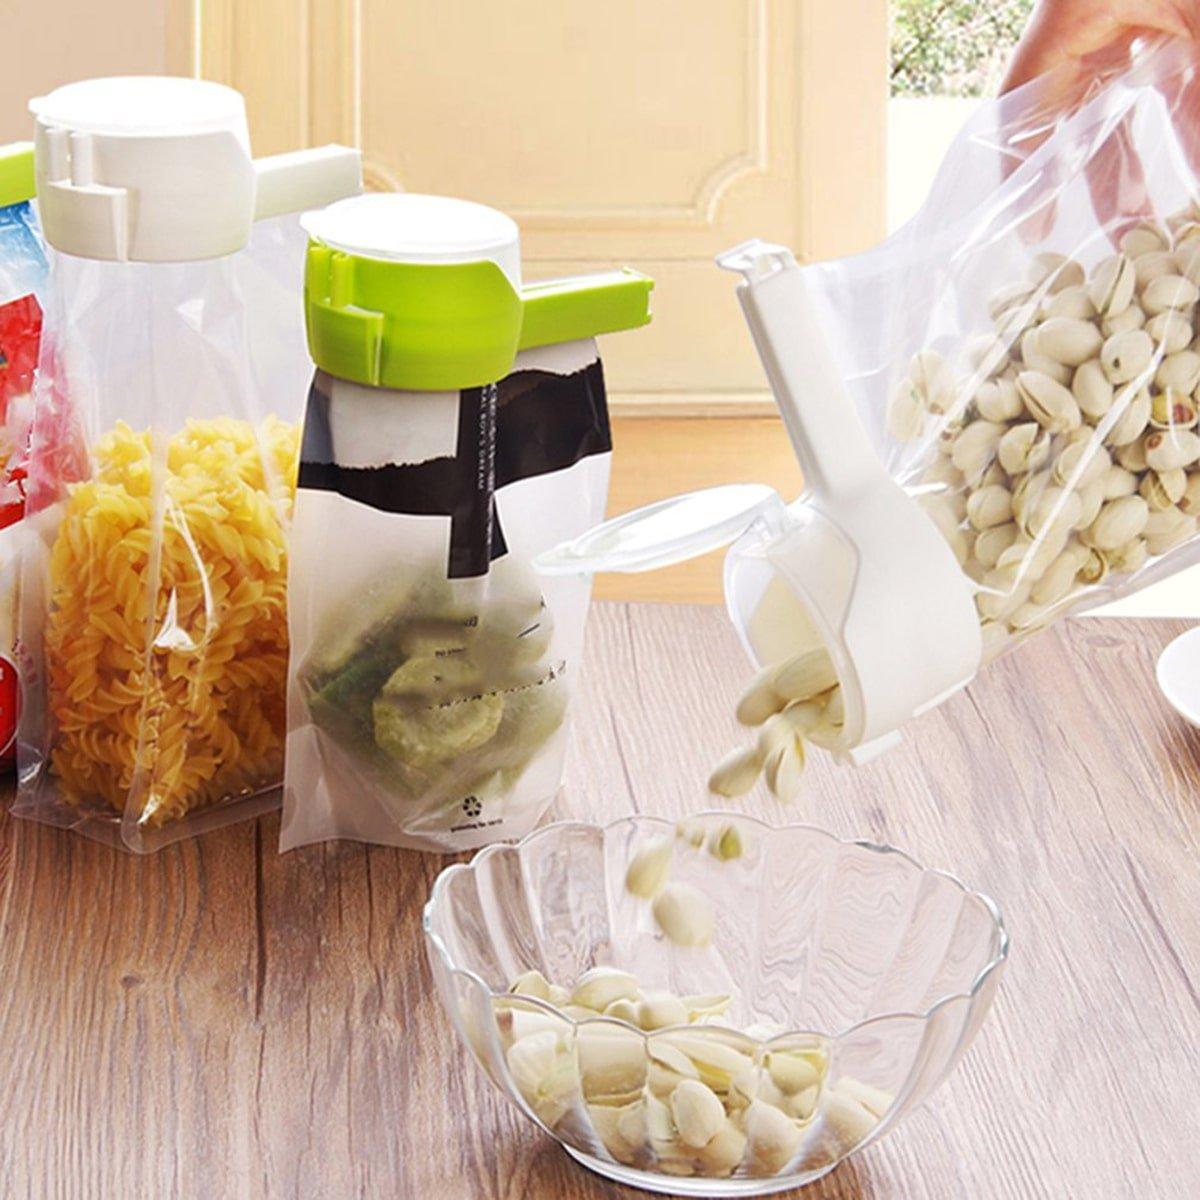 крышки для пакетов с орехами и макаронами